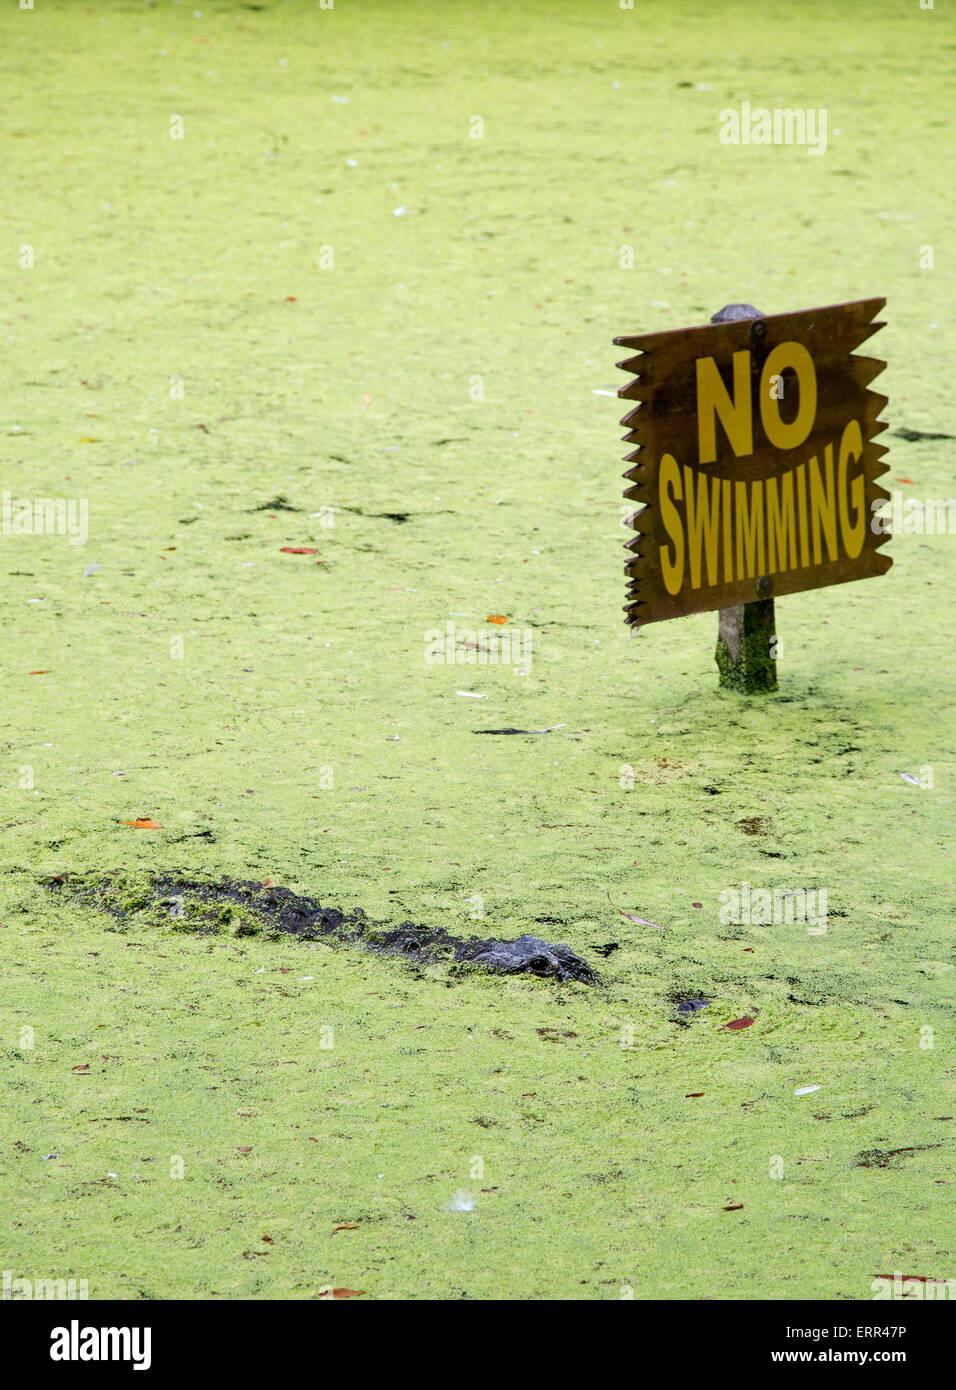 Homosassa Springs, in Florida - un alligatore in una laguna accanto a un 'n' Nuoto segno a Homosassa Springs Immagini Stock